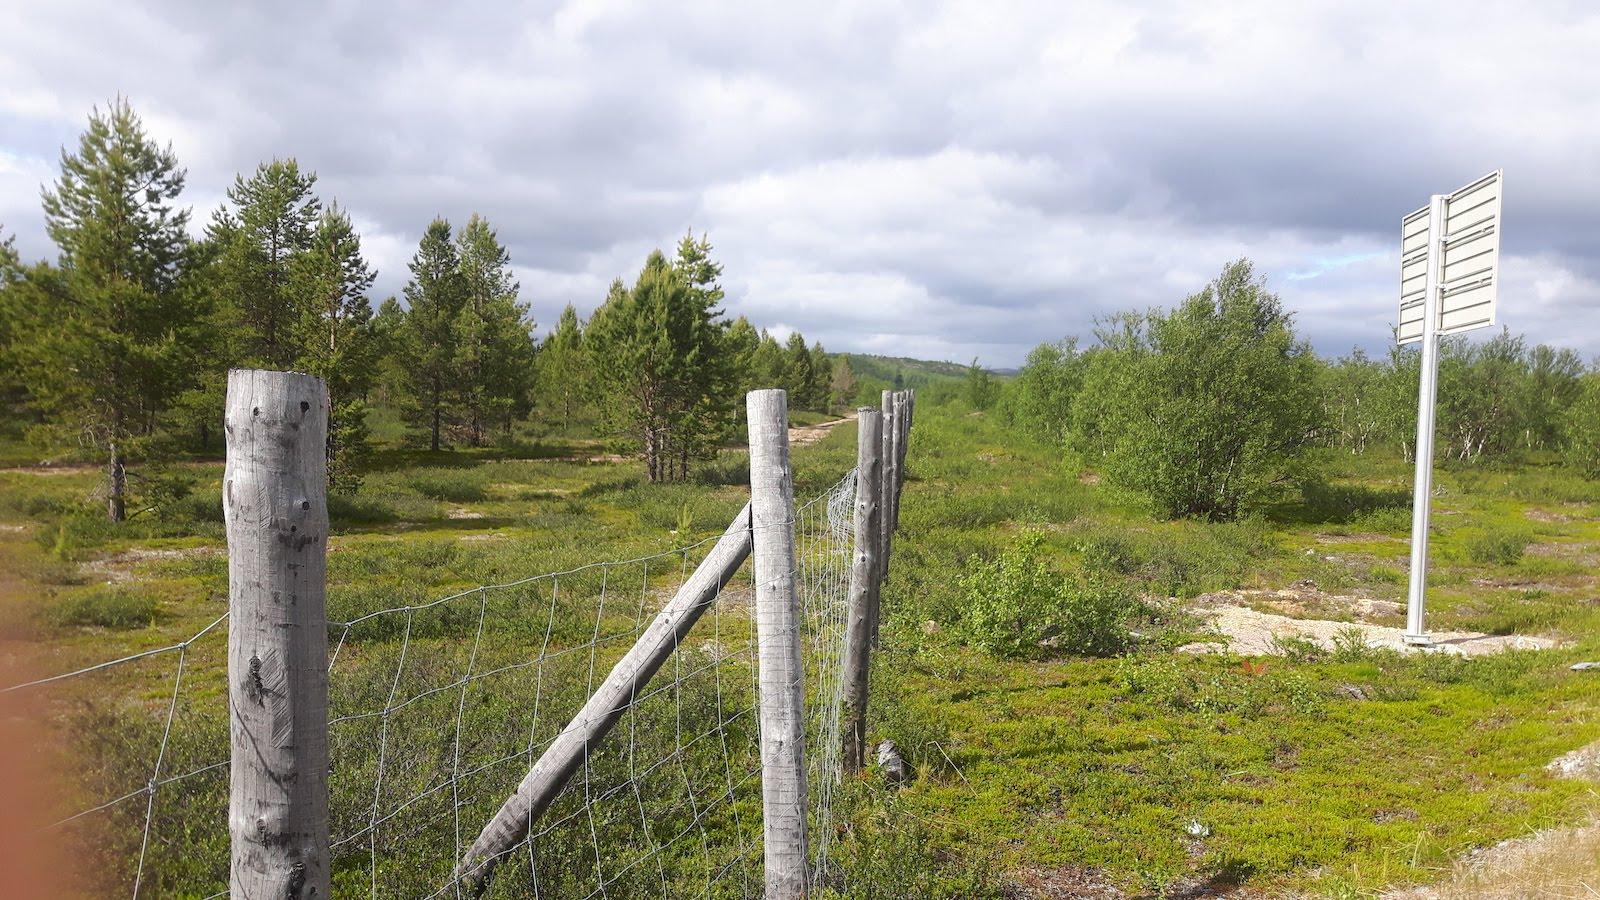 Norwegian Finish Border near Neiden Näätämö Finland